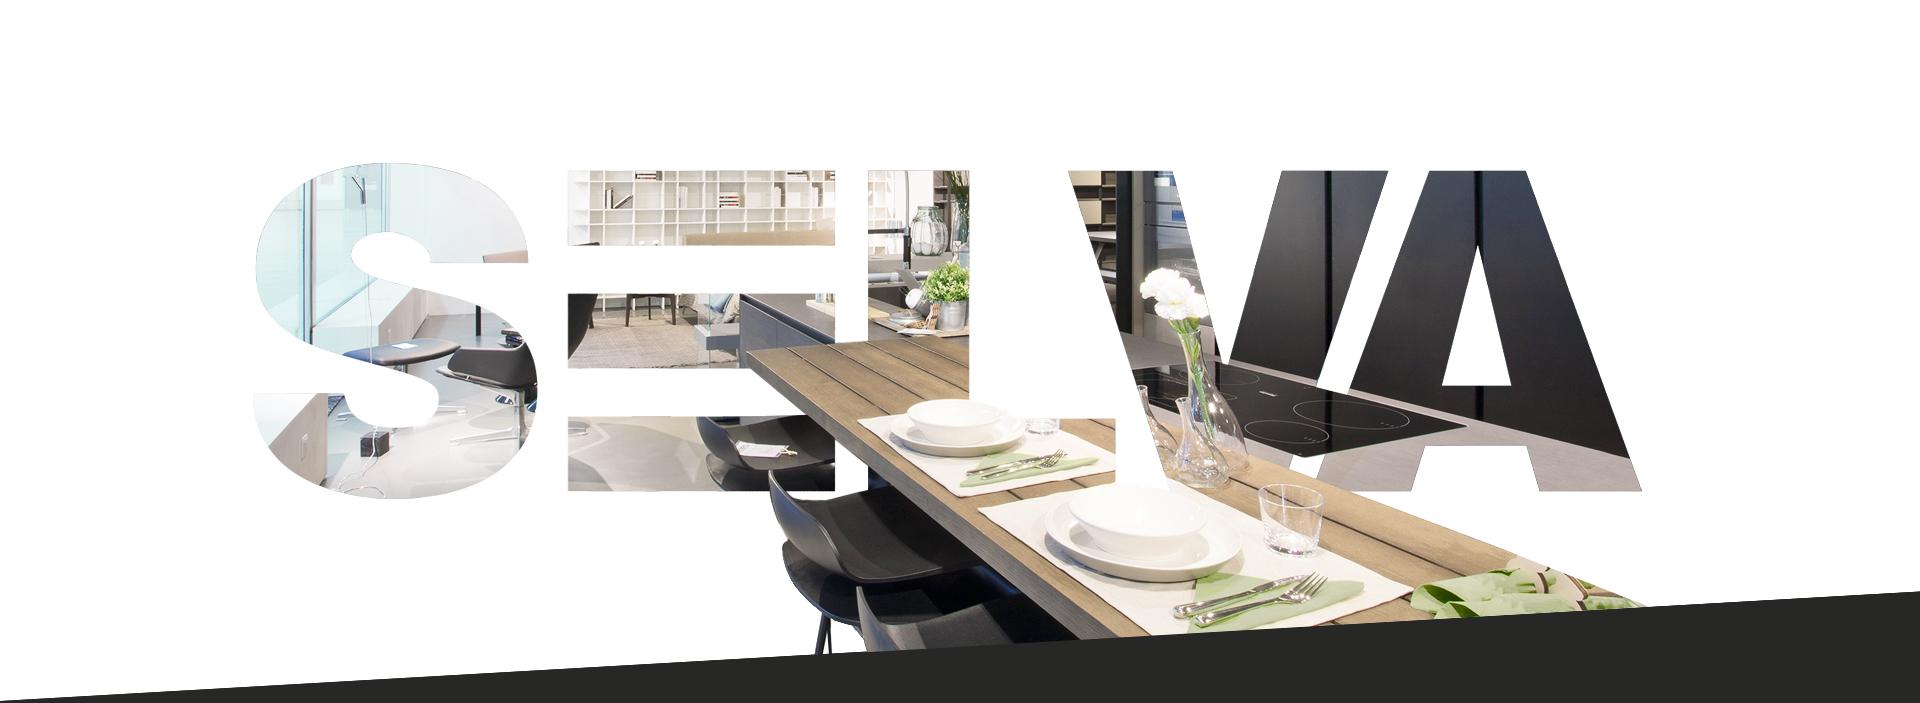 Selva Interior - Mobili di design e arredamenti su misura a lugano e como